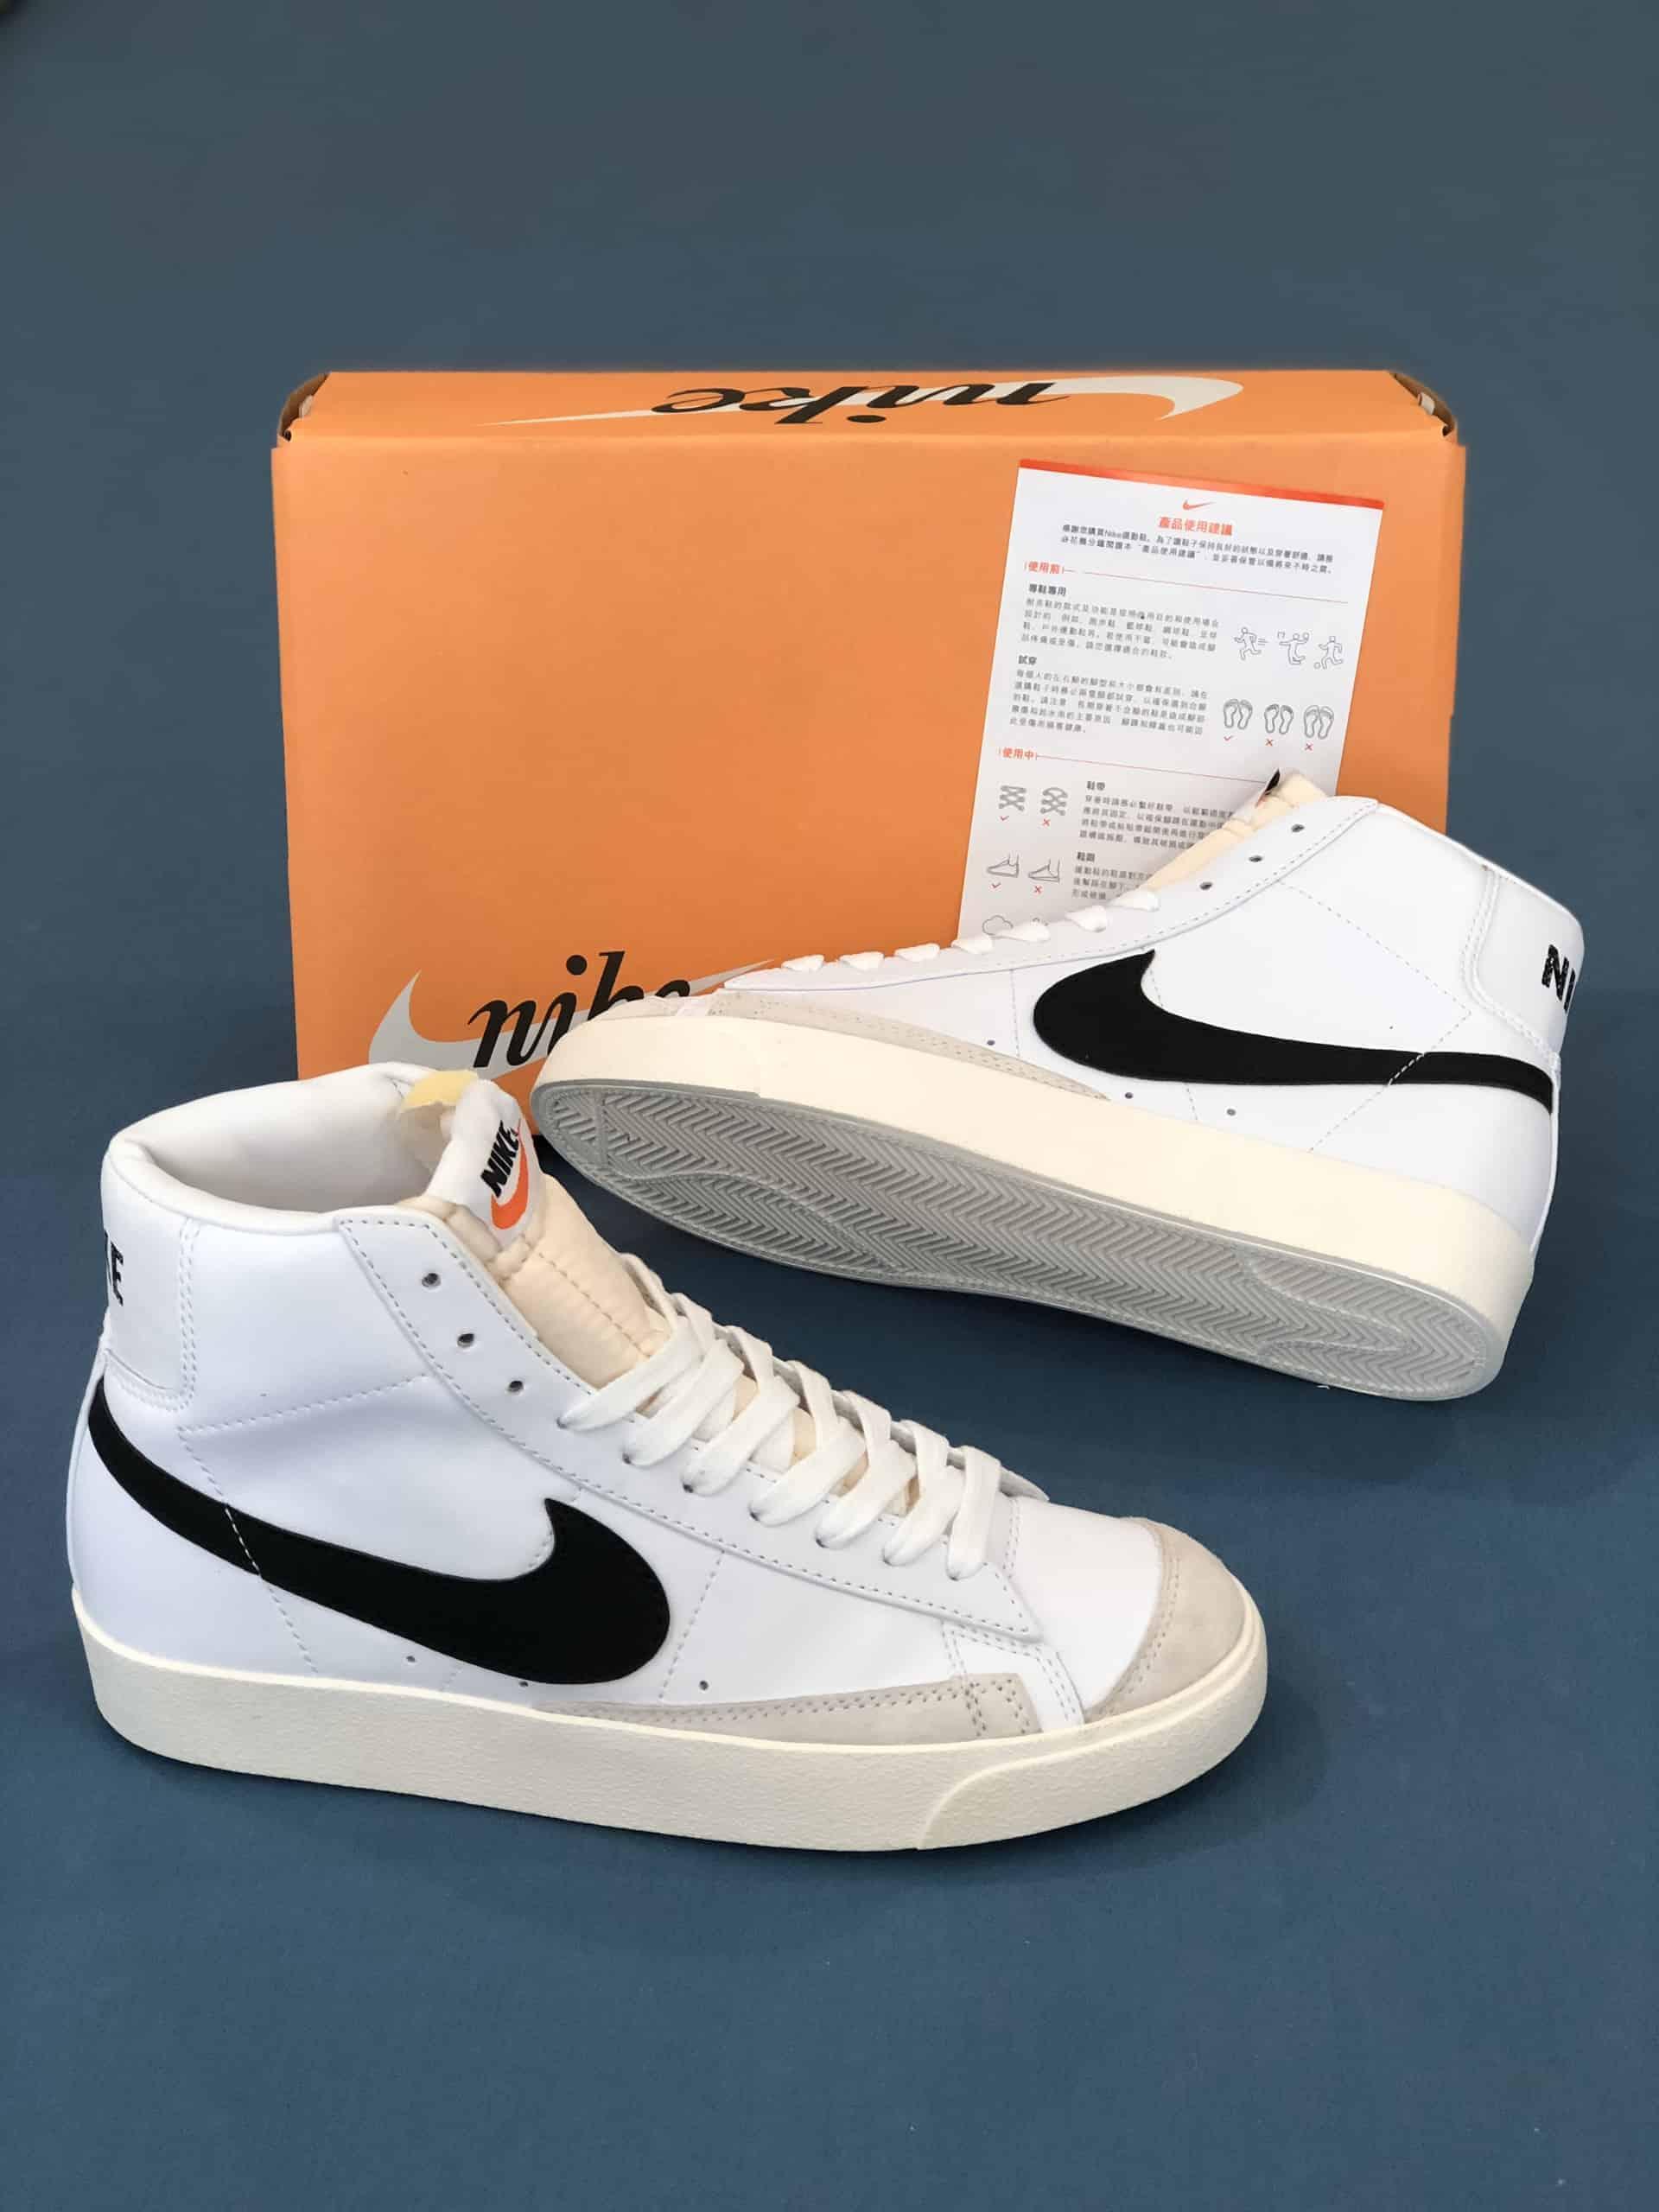 Nike Blazer Mid 77 Vintage White Black Rep 1:1 có màu sáng mới mang phong cách trẻ trung